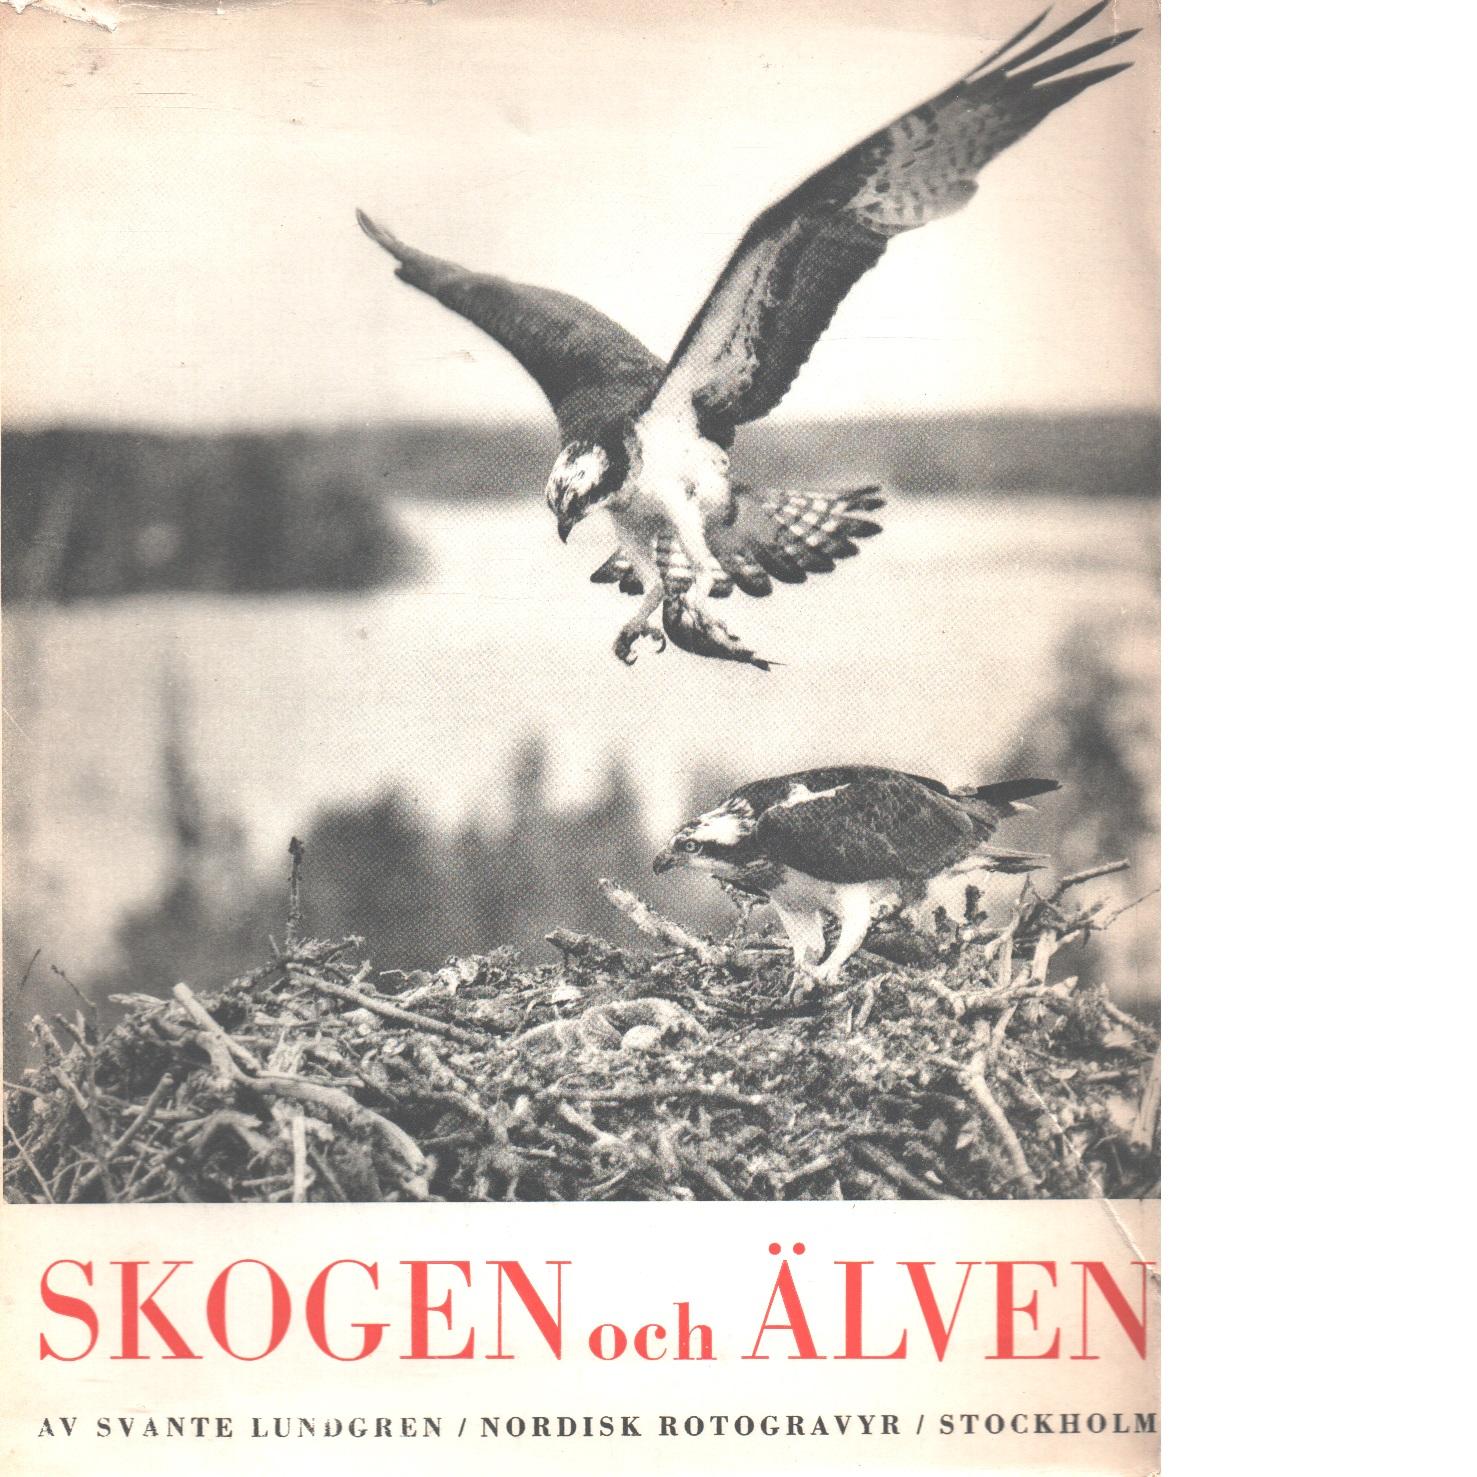 Skogen och älven - Lundgren, Svante